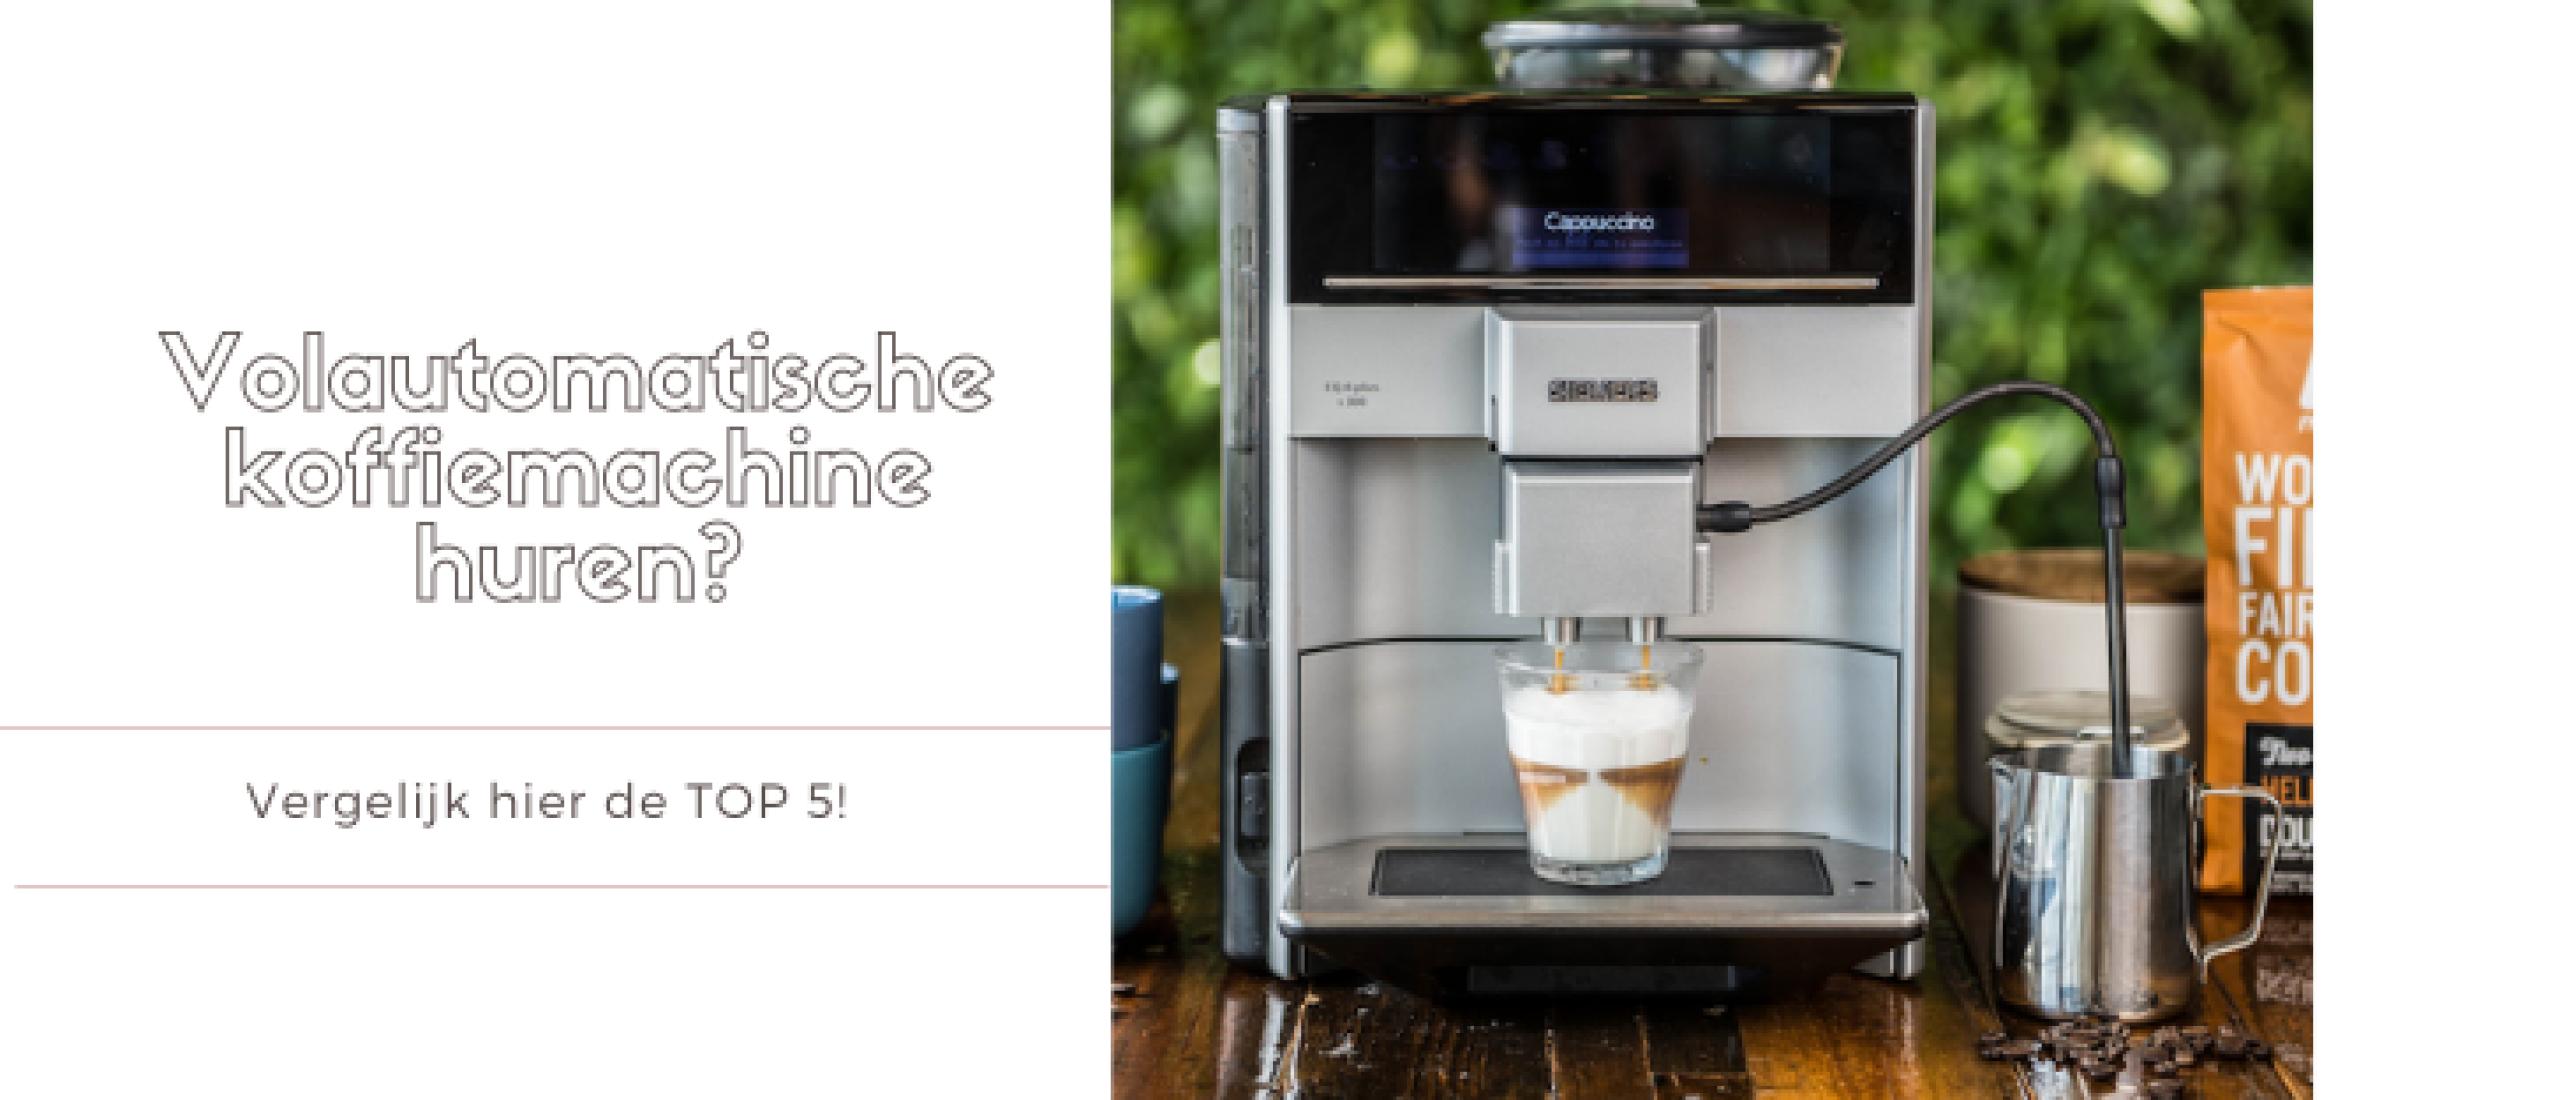 Volautomatische Koffiemachine Huren? Vergelijk 5 Aanbieders